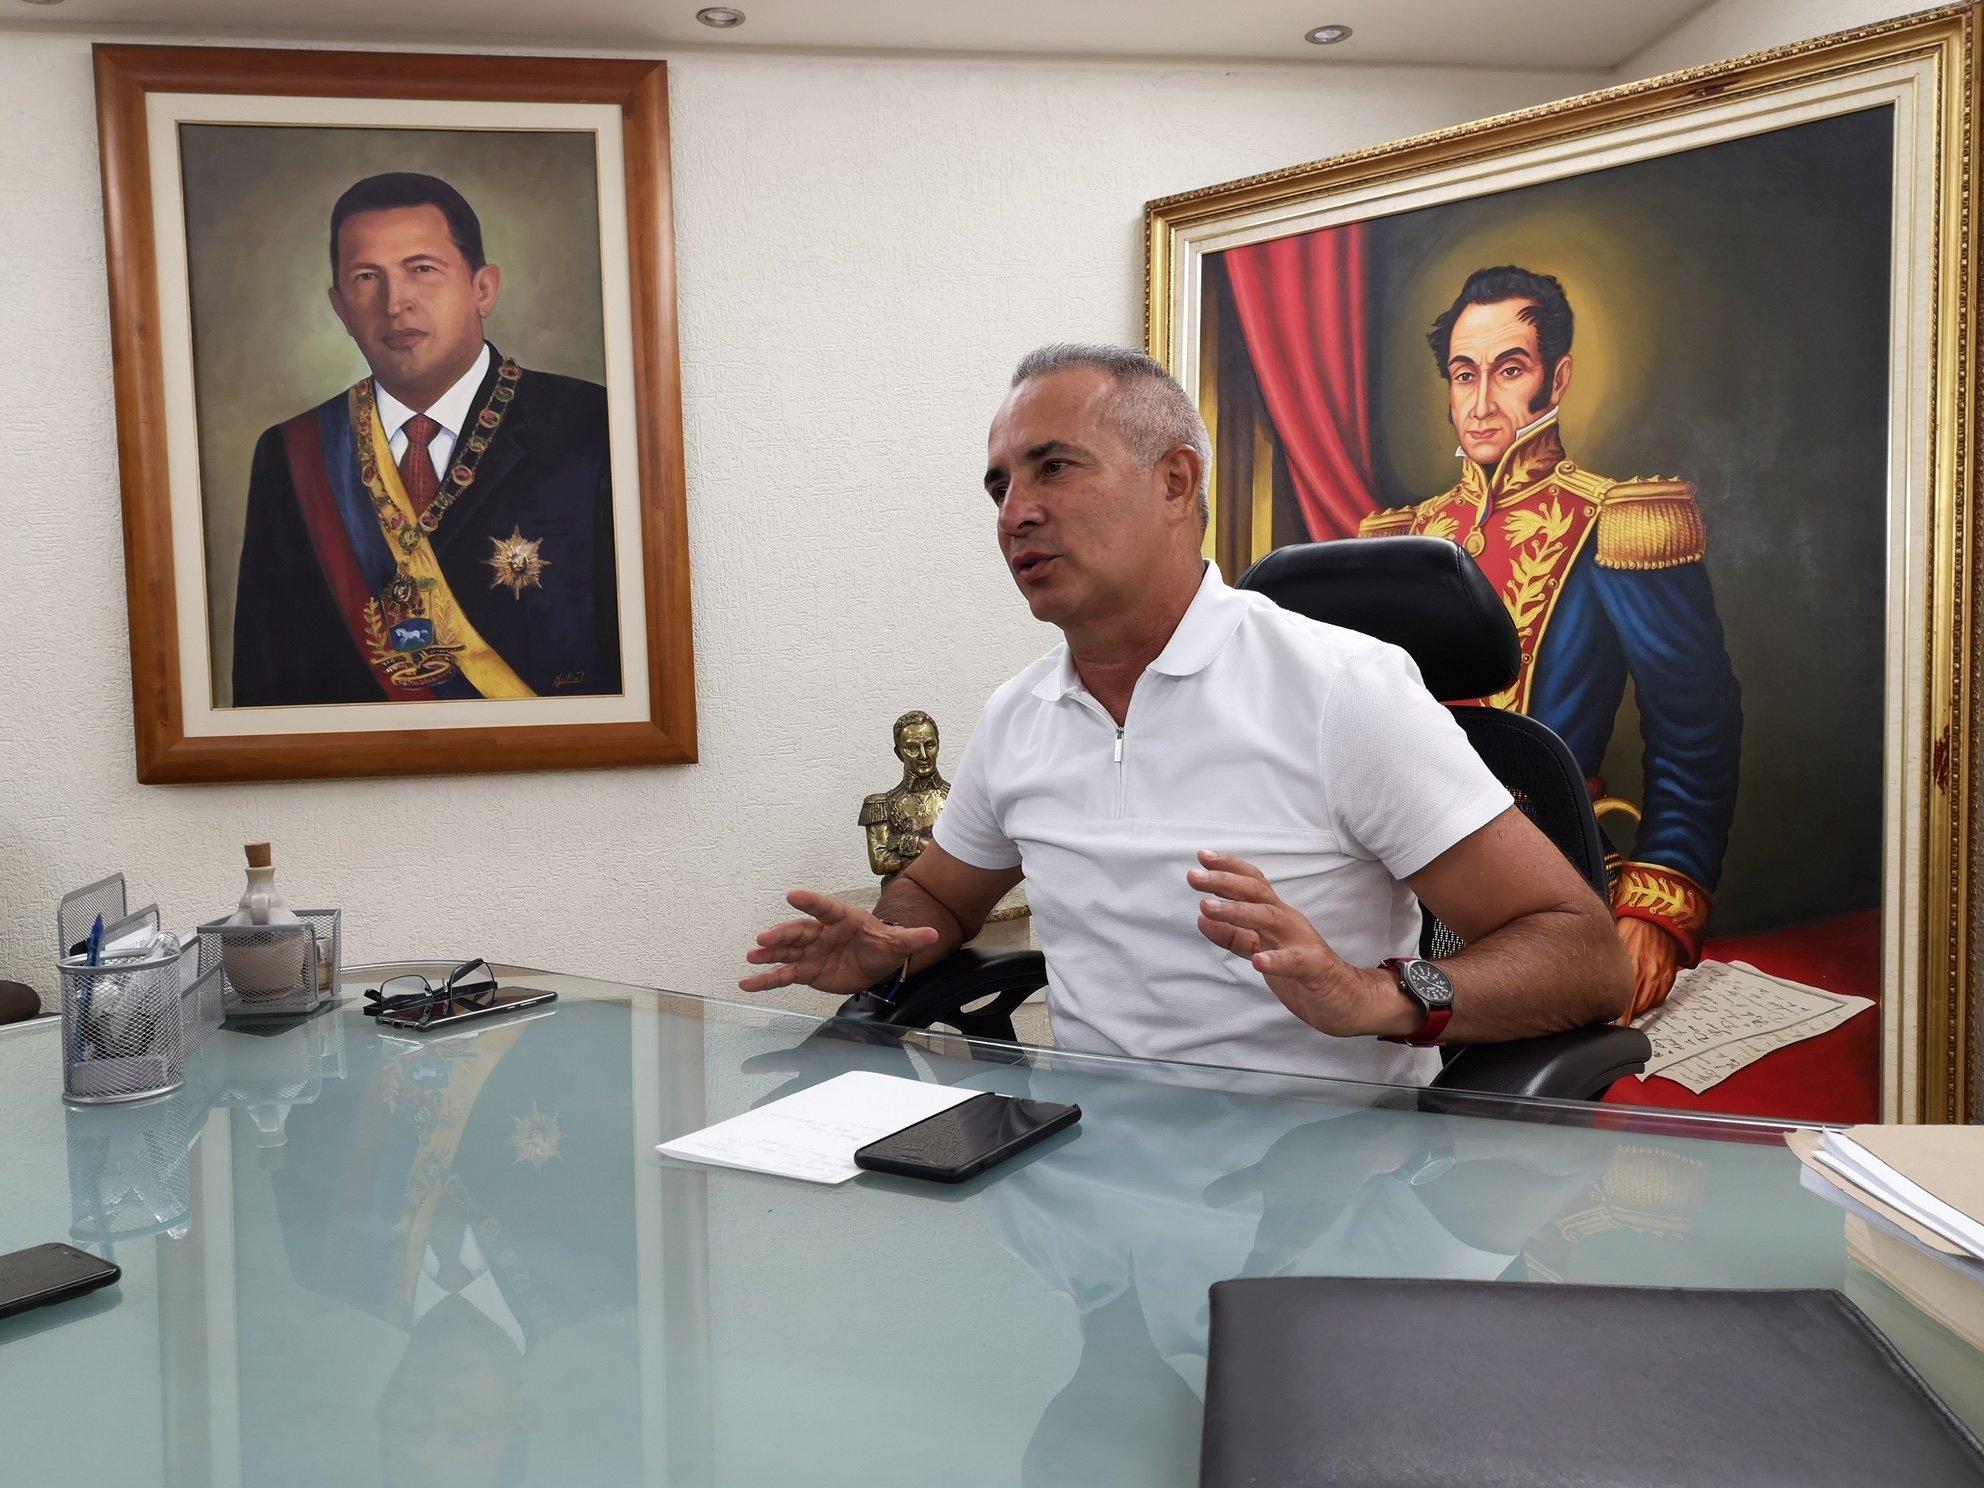 Freddy Bernal, miembro de la dirección nacional del Partido Socialista Unido de Venezuela